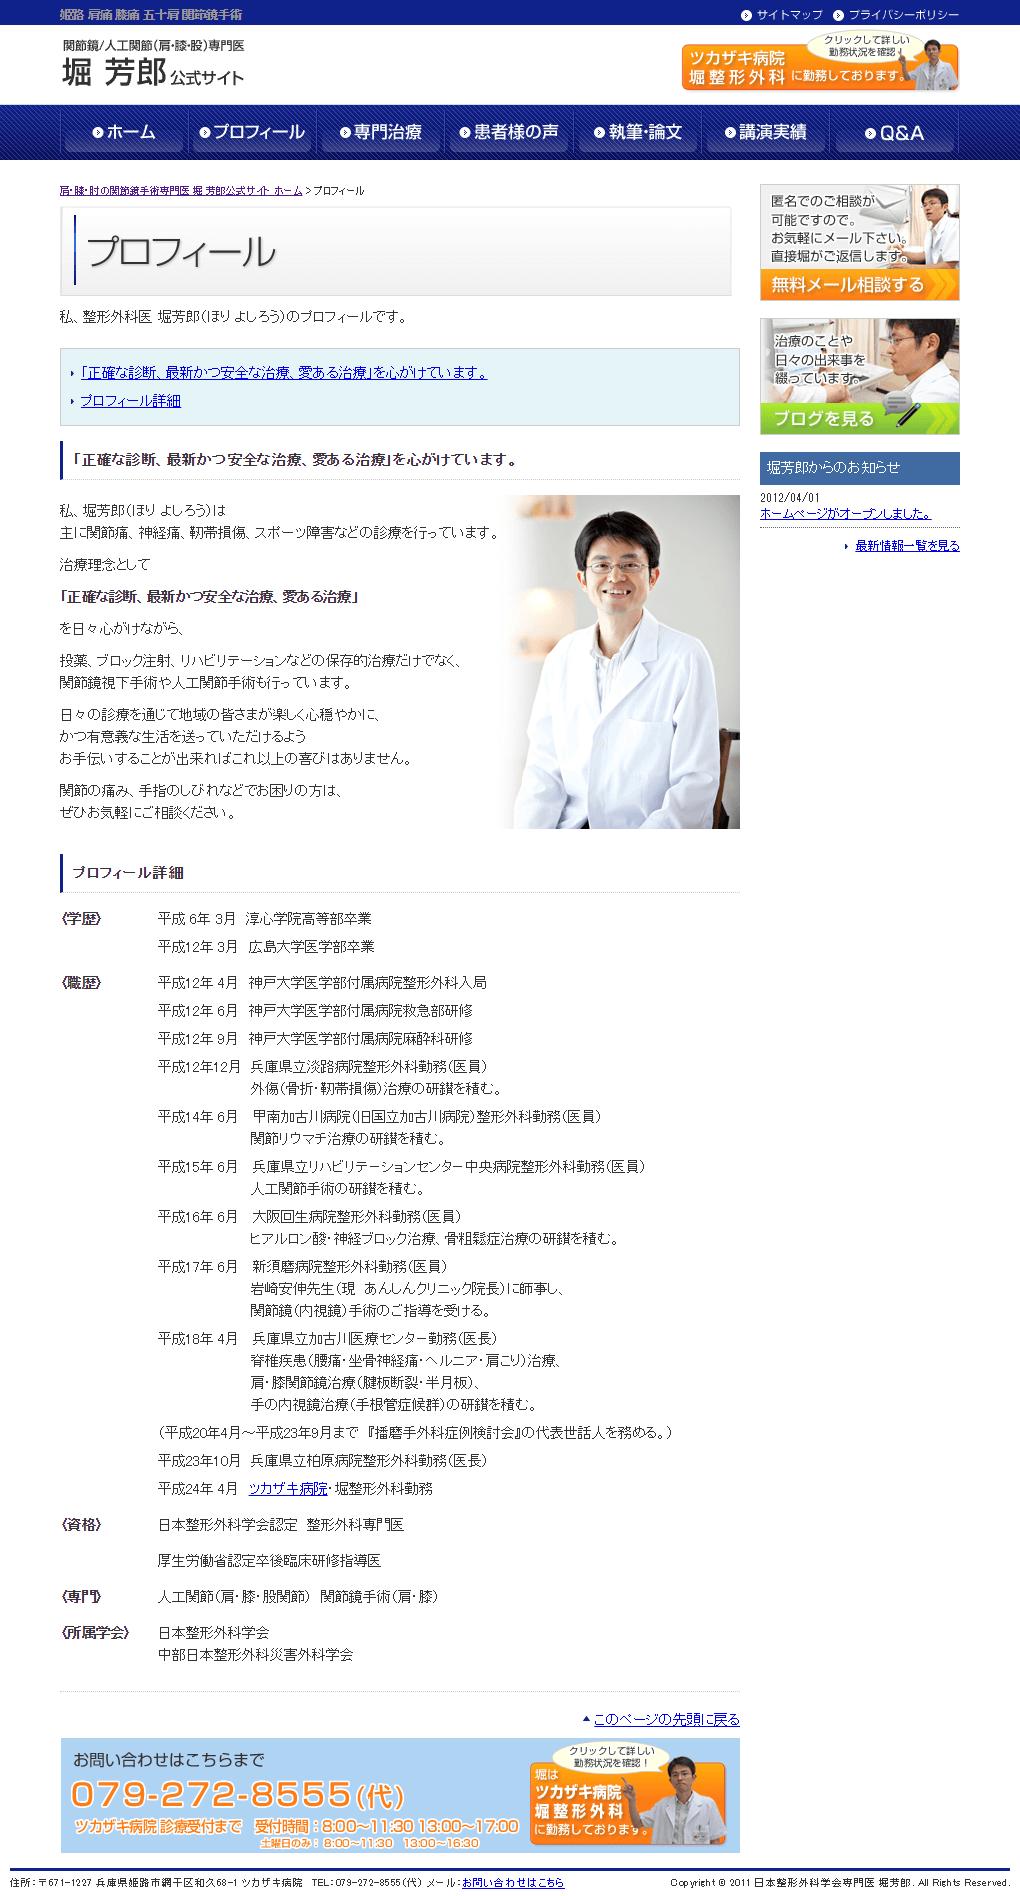 たつの市 堀 芳郎 公式サイト ホームページ制作2